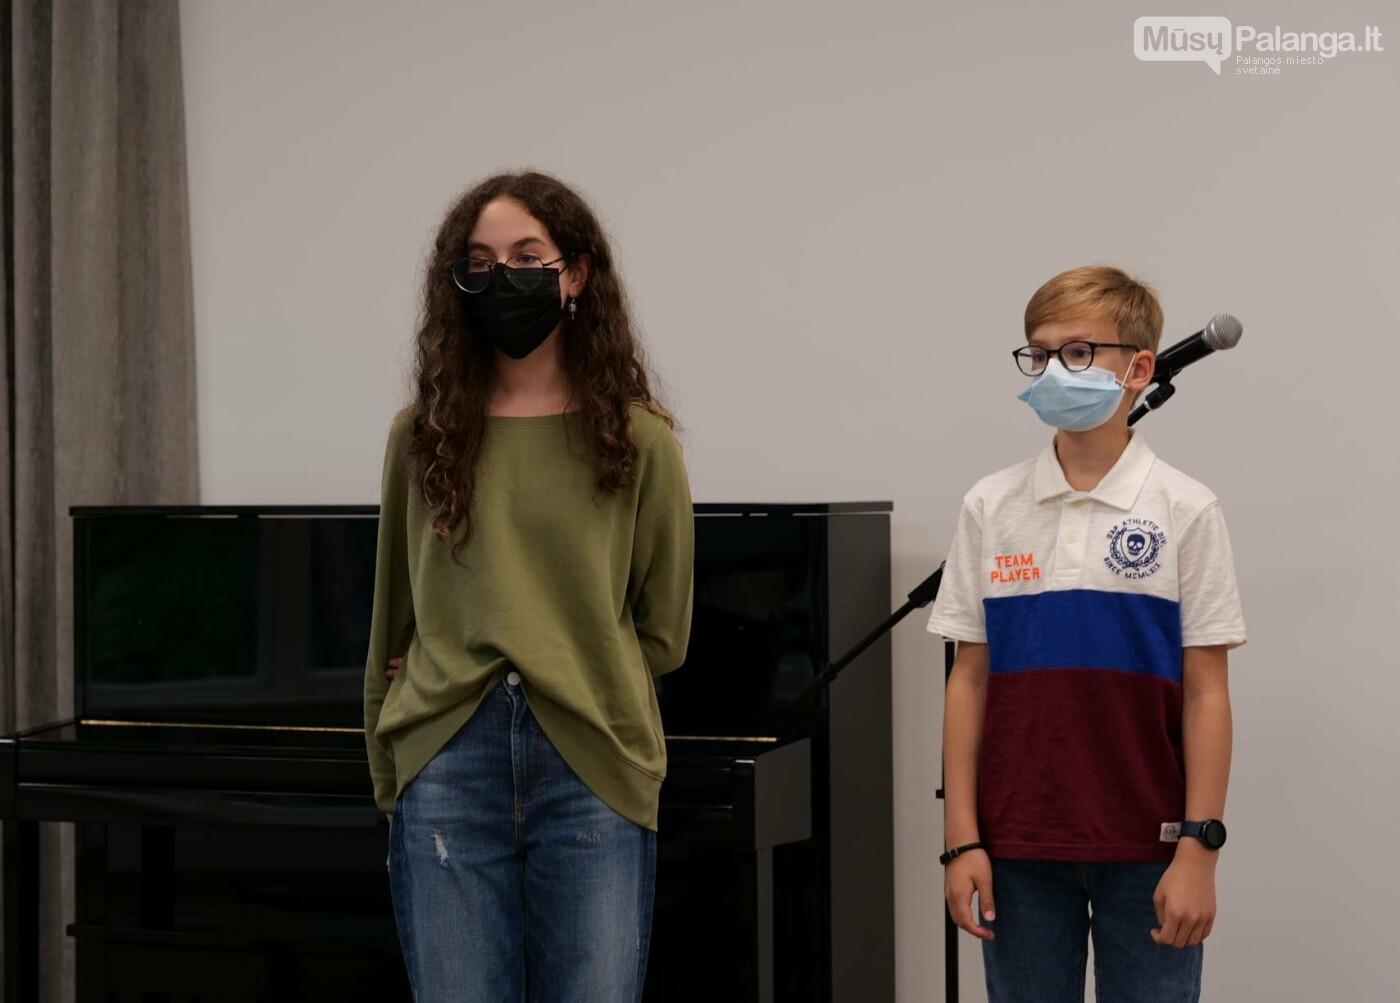 Jaunieji haiku kūrėjai Kamilė Gabalytė (Panevėžys) ir Vakaris Daugirda (Vinius)